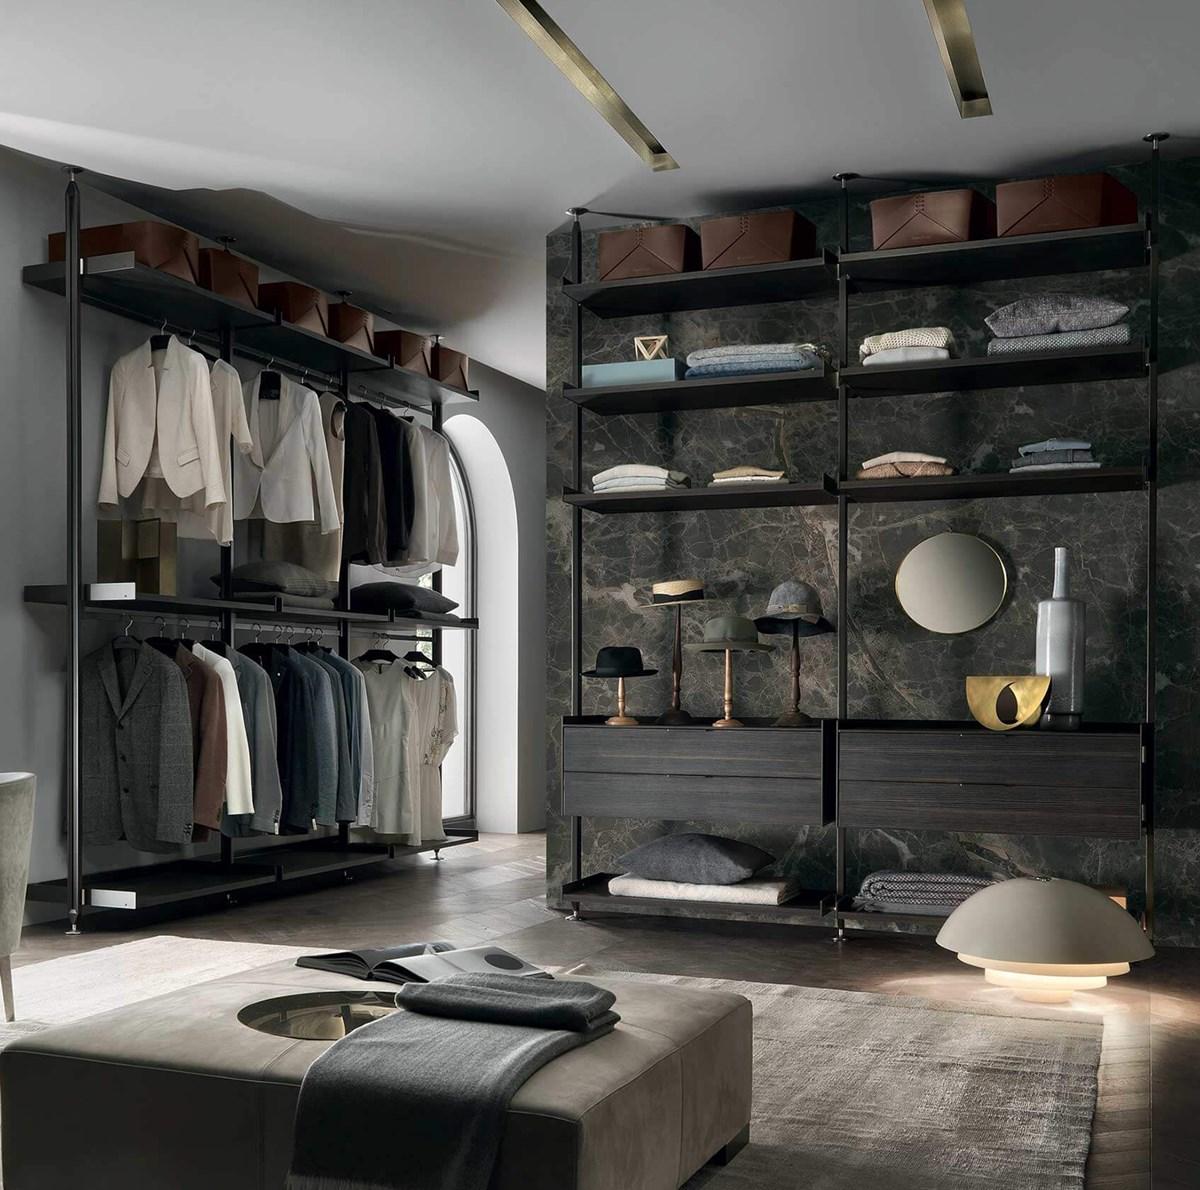 Rimadesio-Giuseppe-Bavuso-Zenit-Storage-Collection-Matisse-1